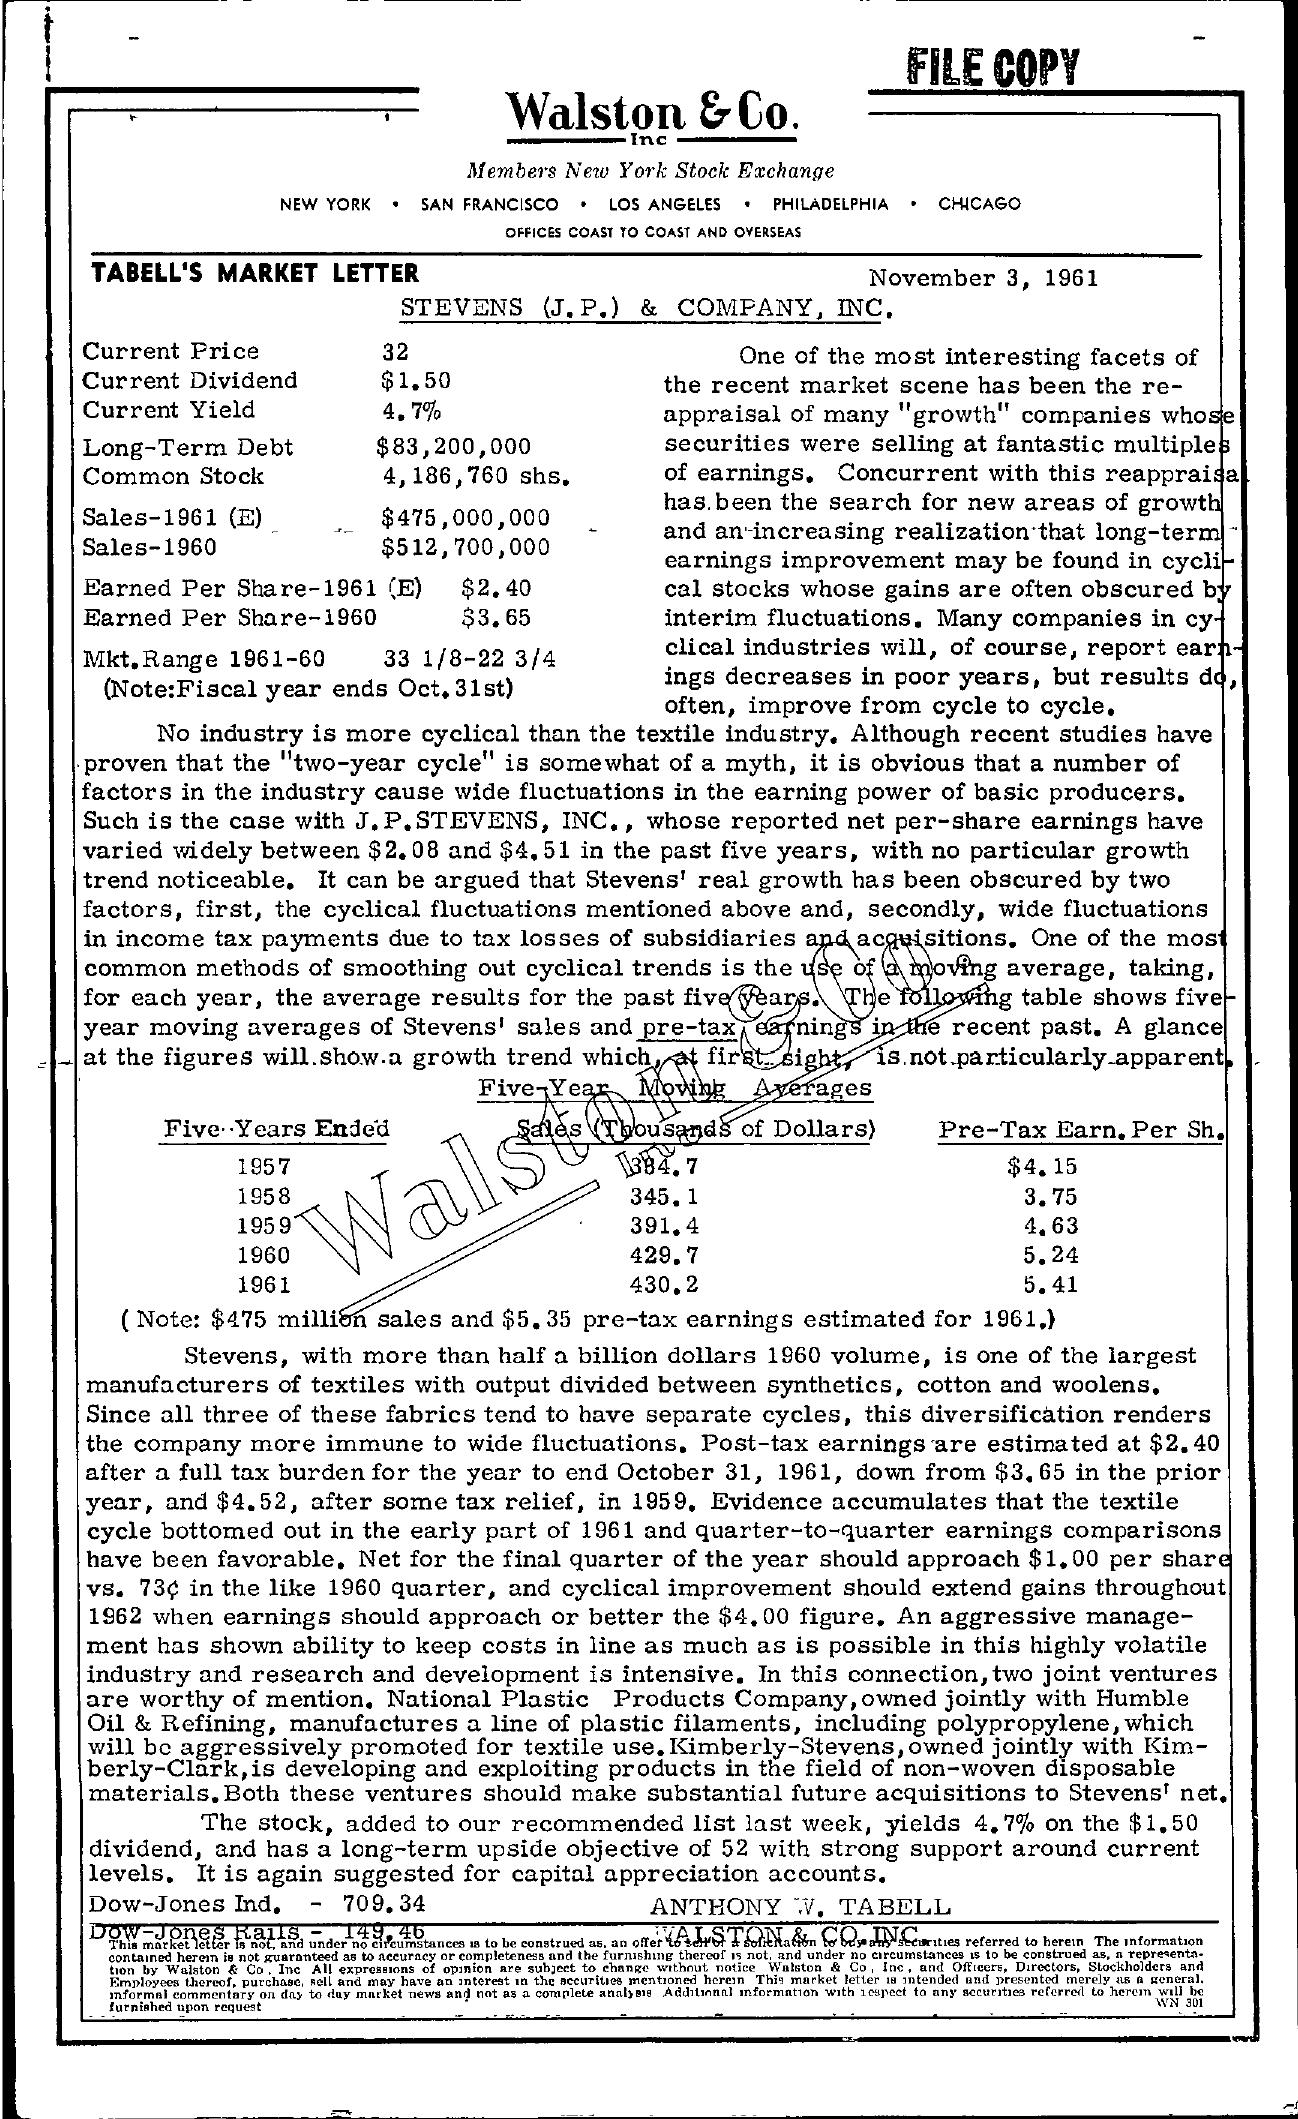 Tabell's Market Letter - November 03, 1961